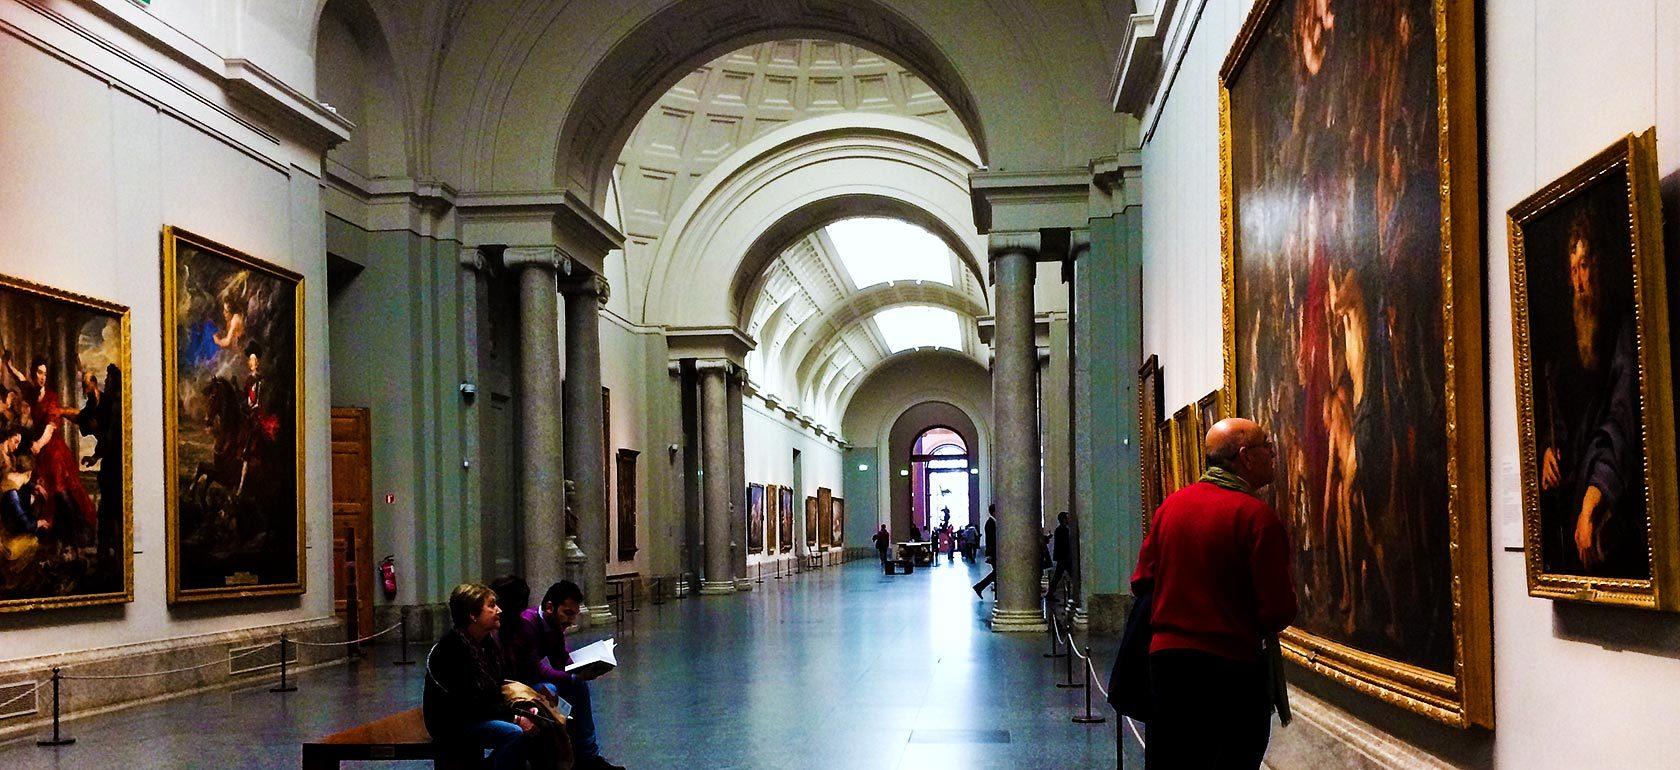 Qué hacer en Madrid el puente de diciembre. Recorrer el Paseo del Arte.